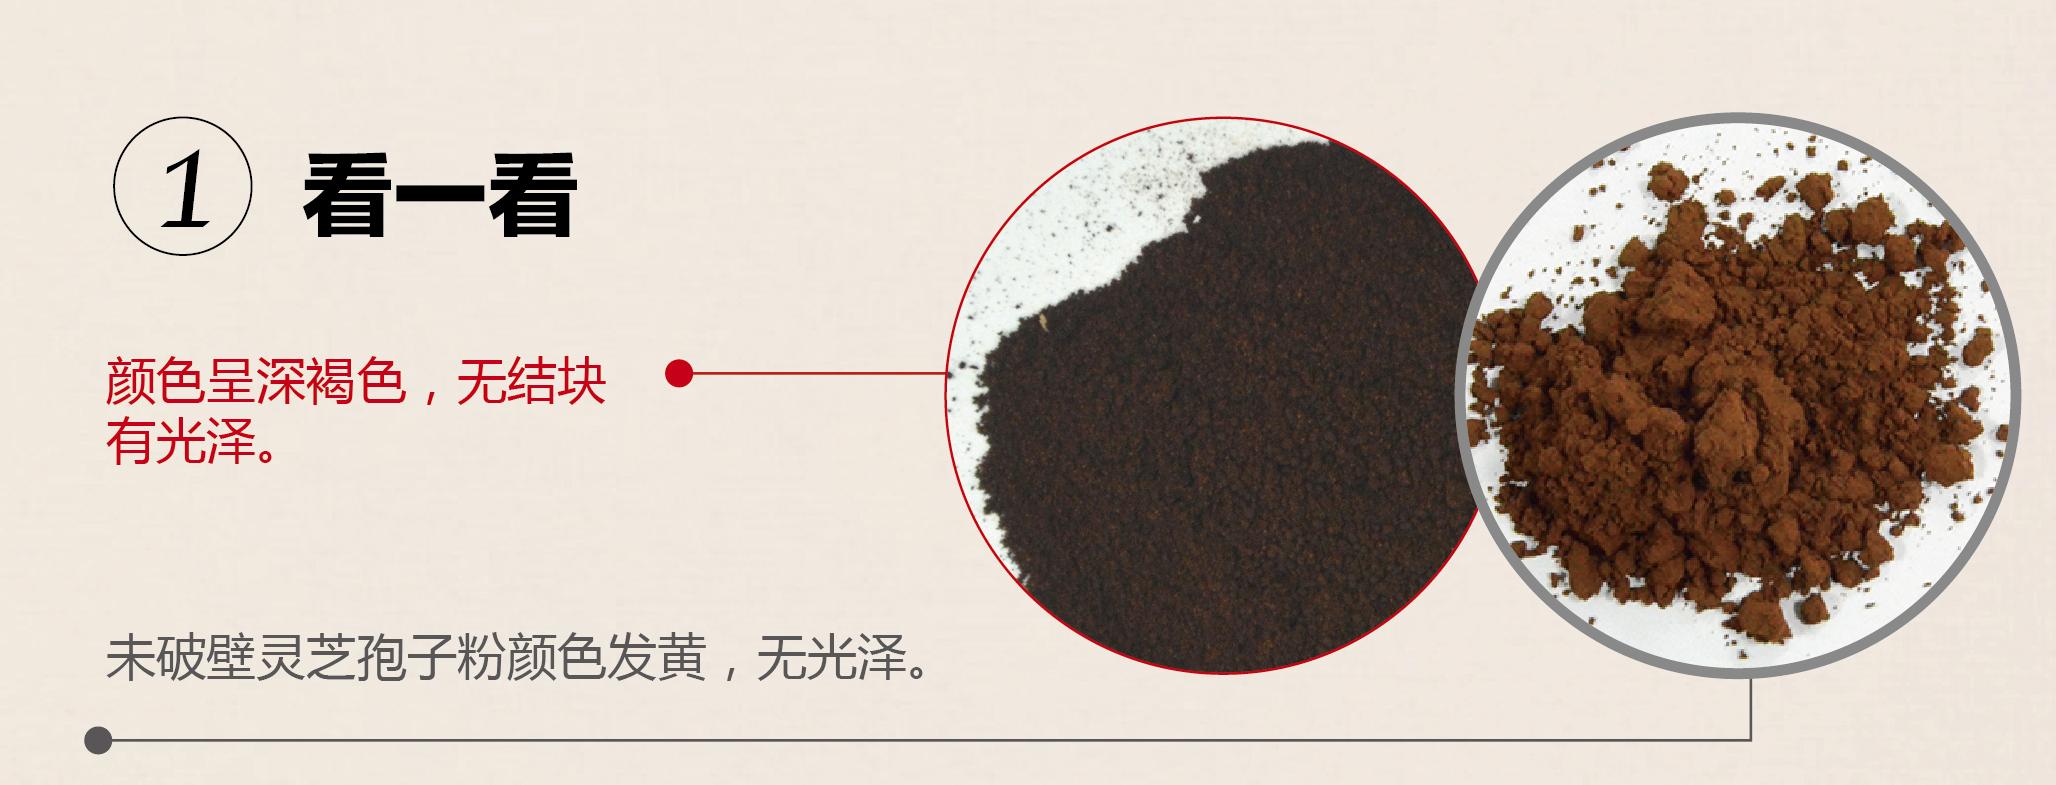 灵芝破壁孢子粉